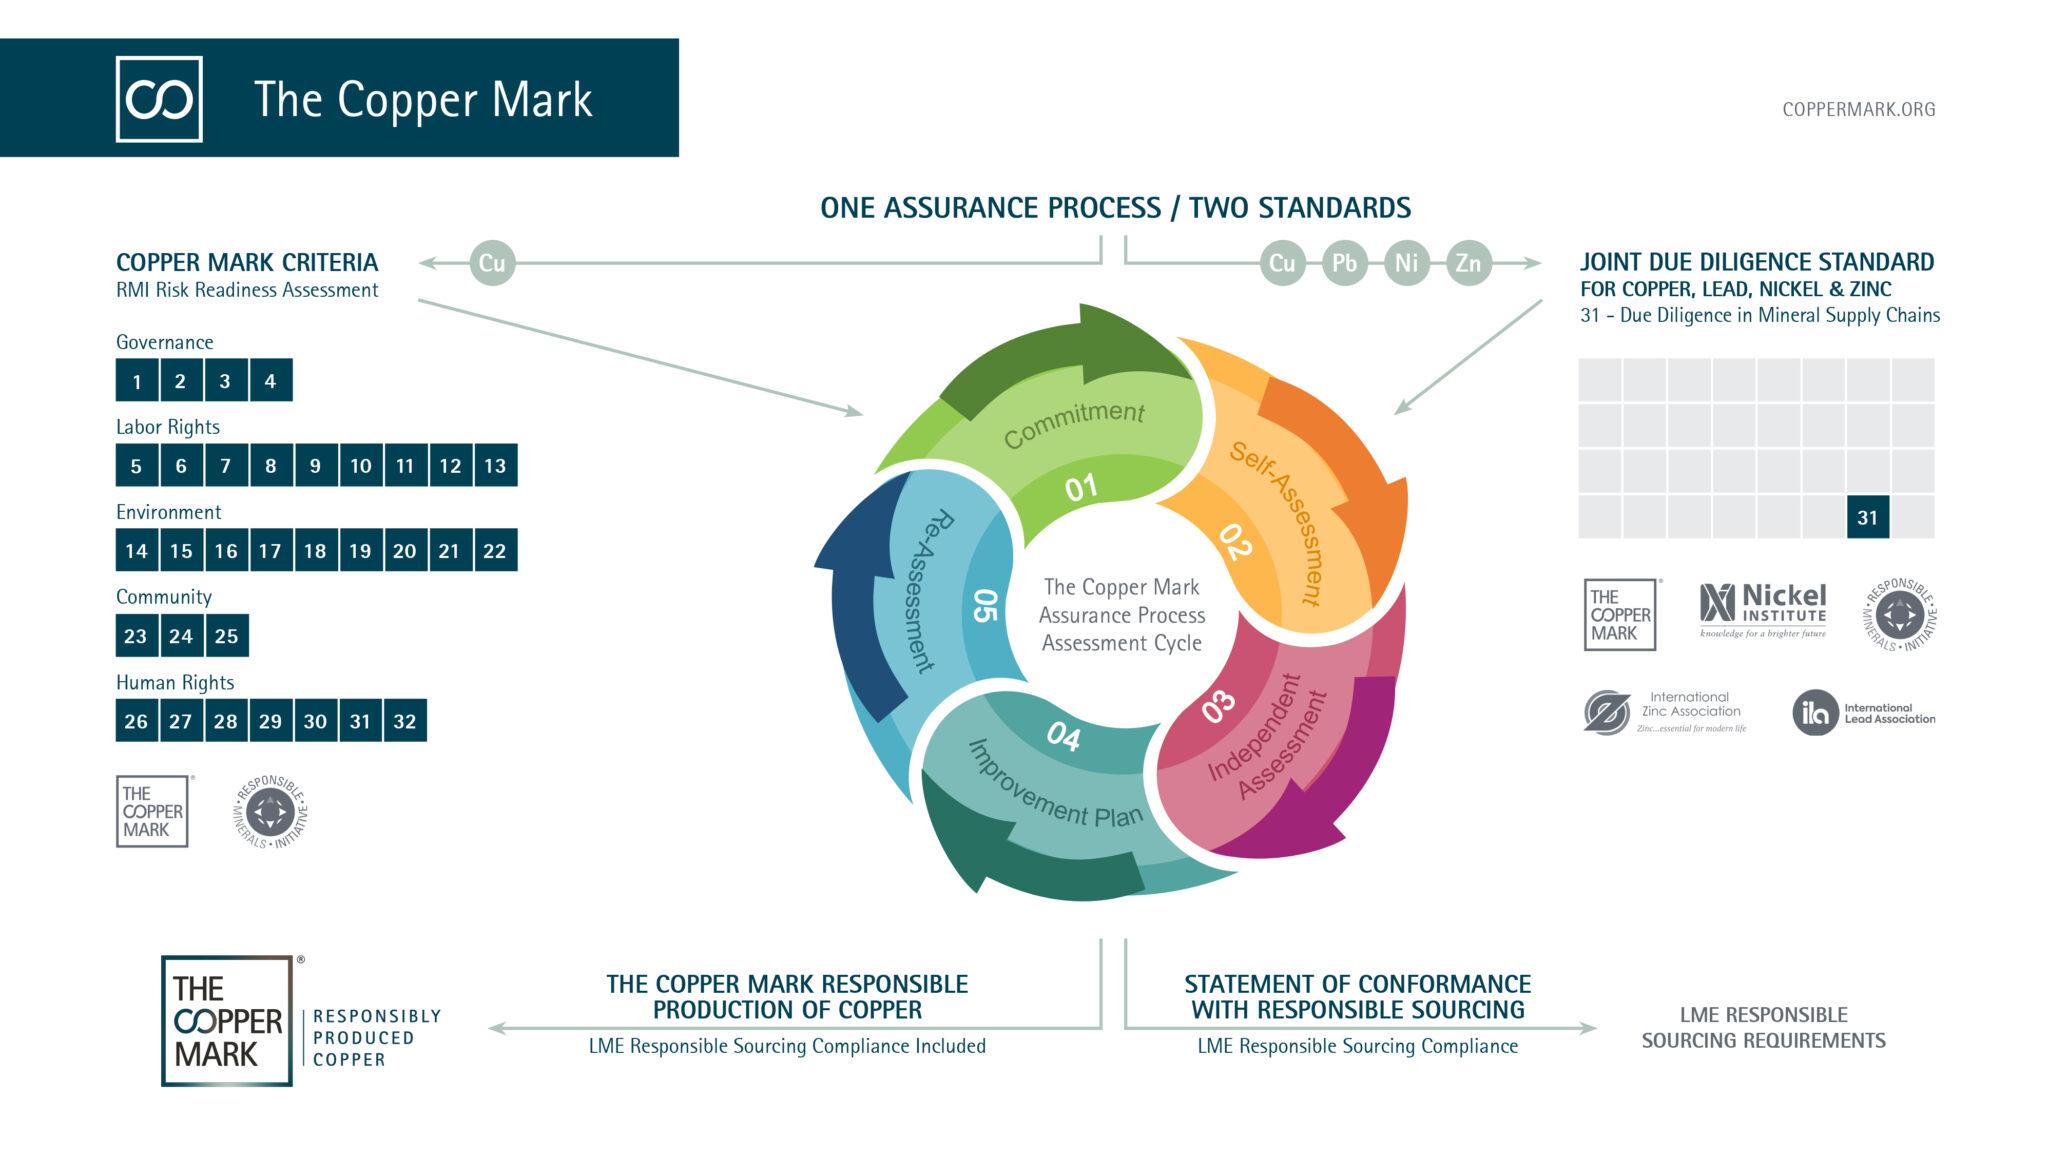 CM-Infographic-AssuranceStandards-202103-FINAL